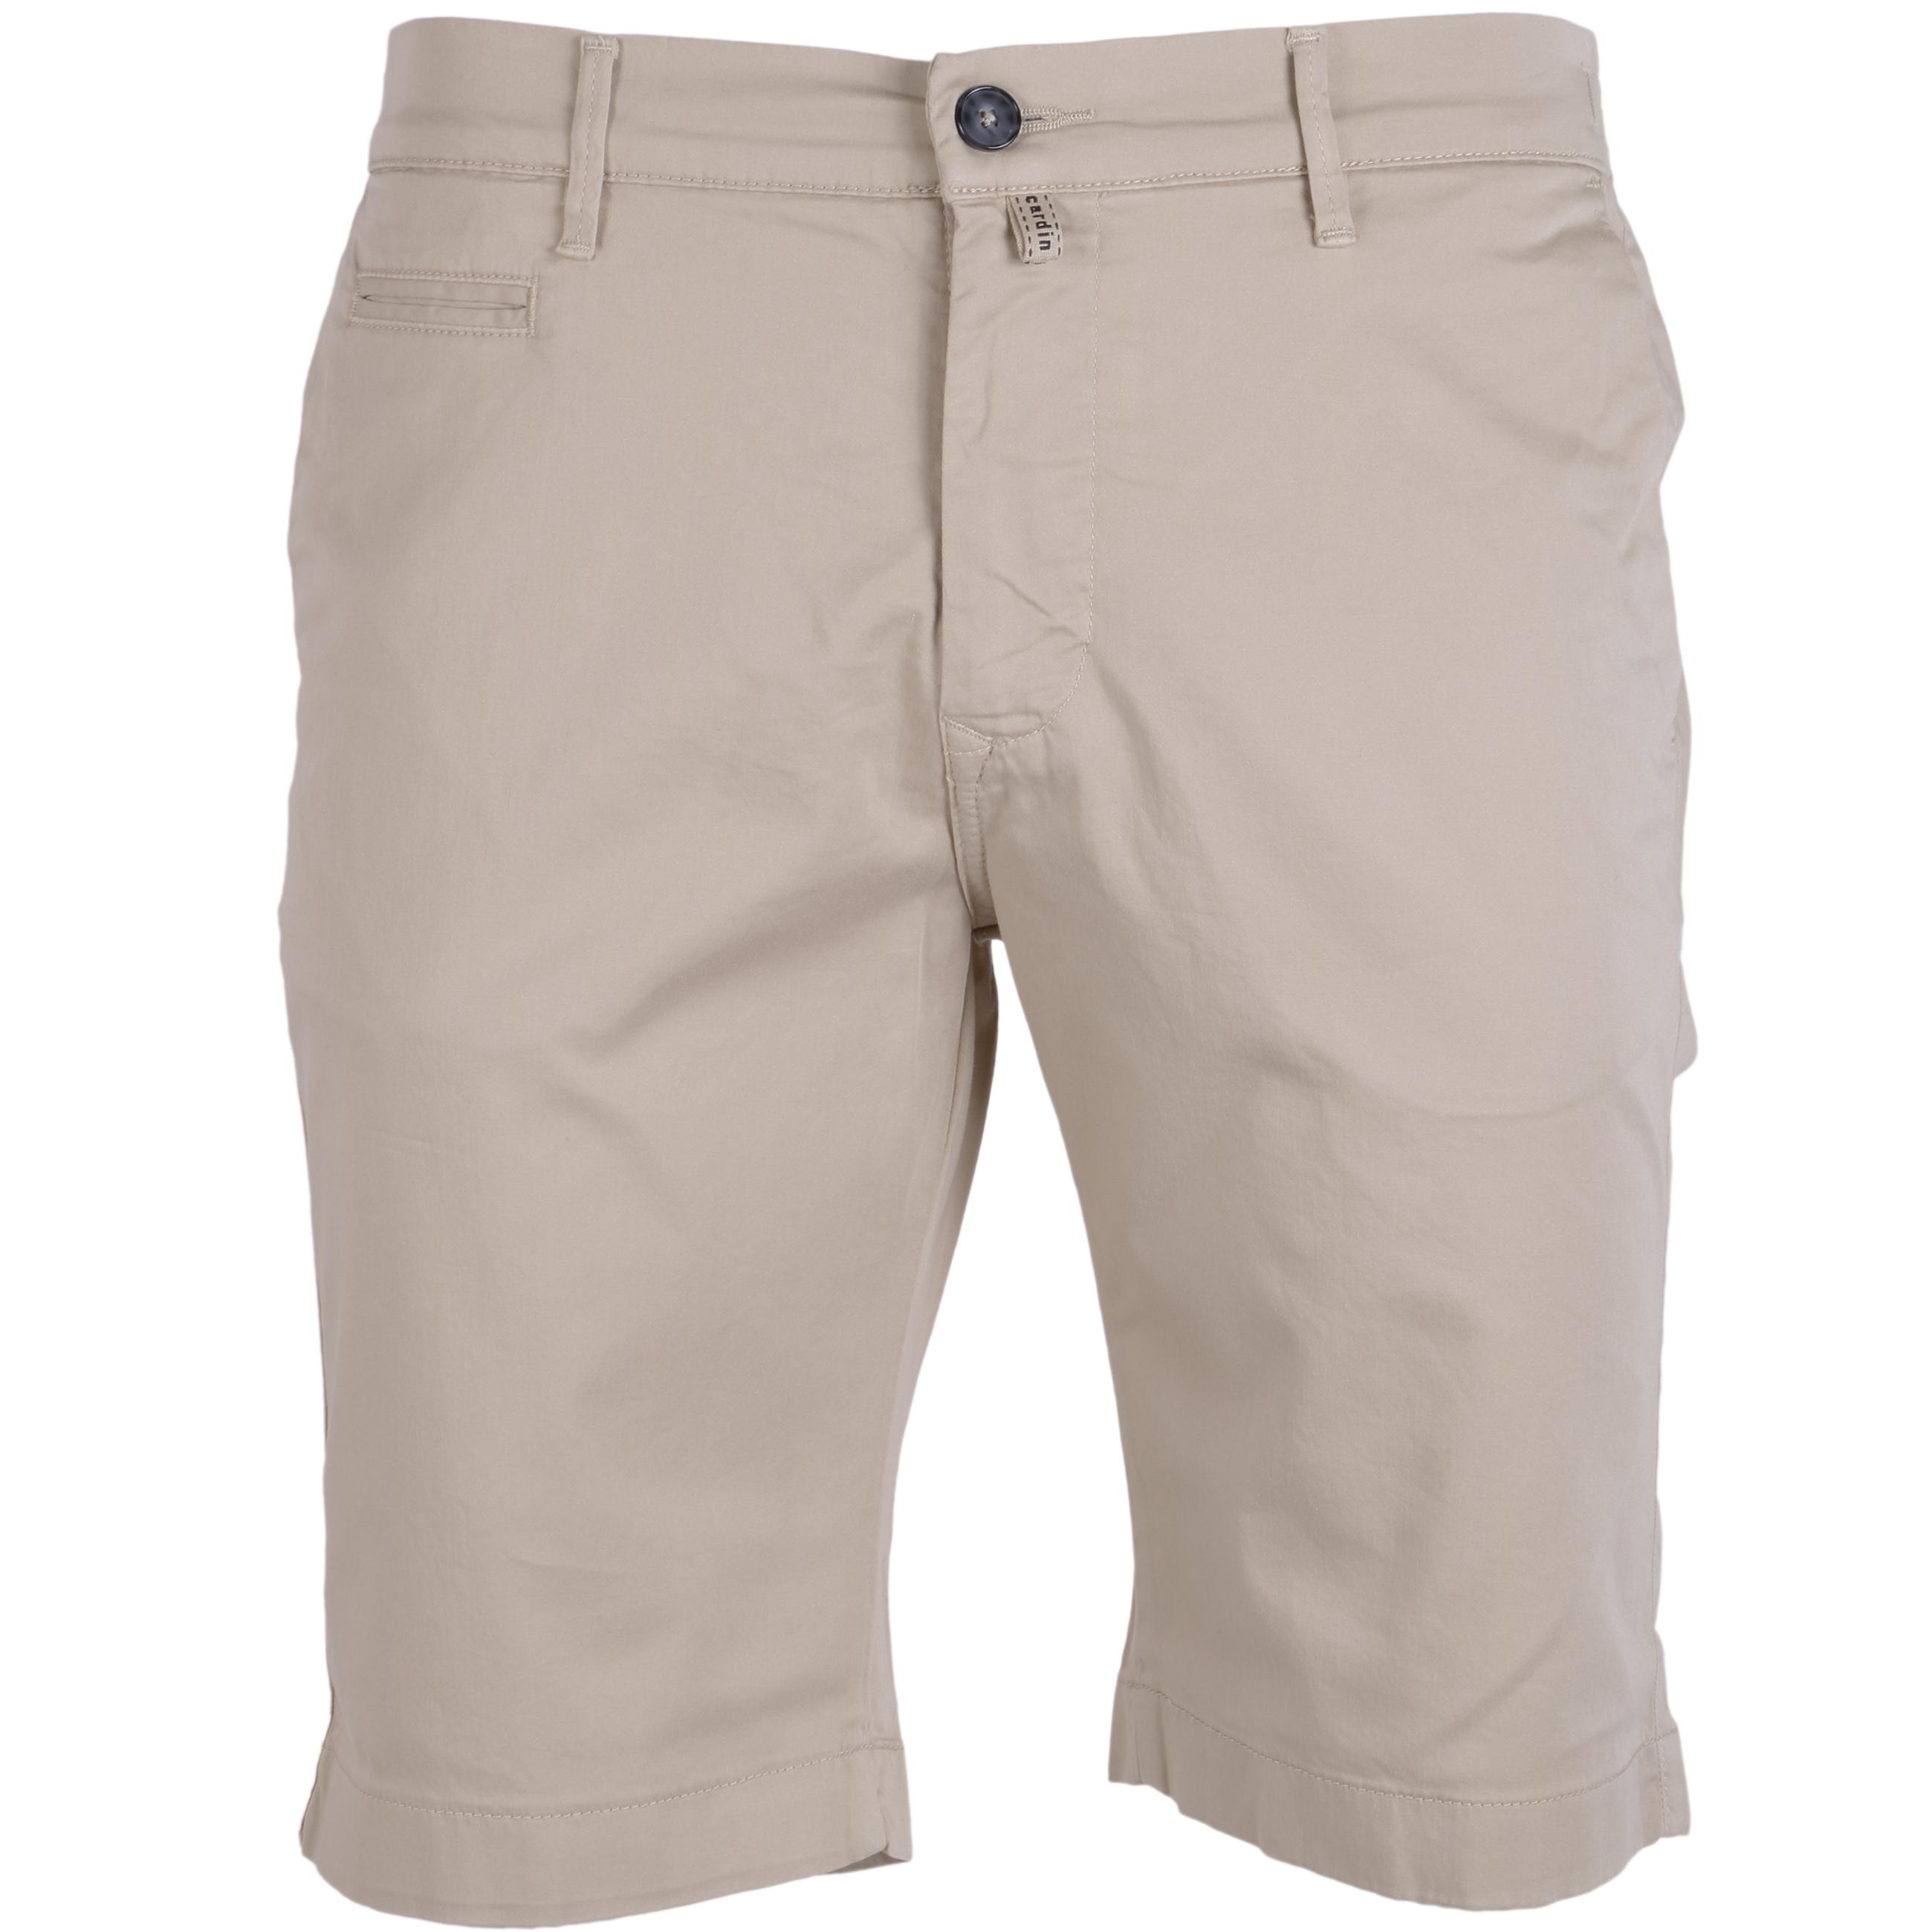 Pierre Cardin Herren Bermuda Shorts 35